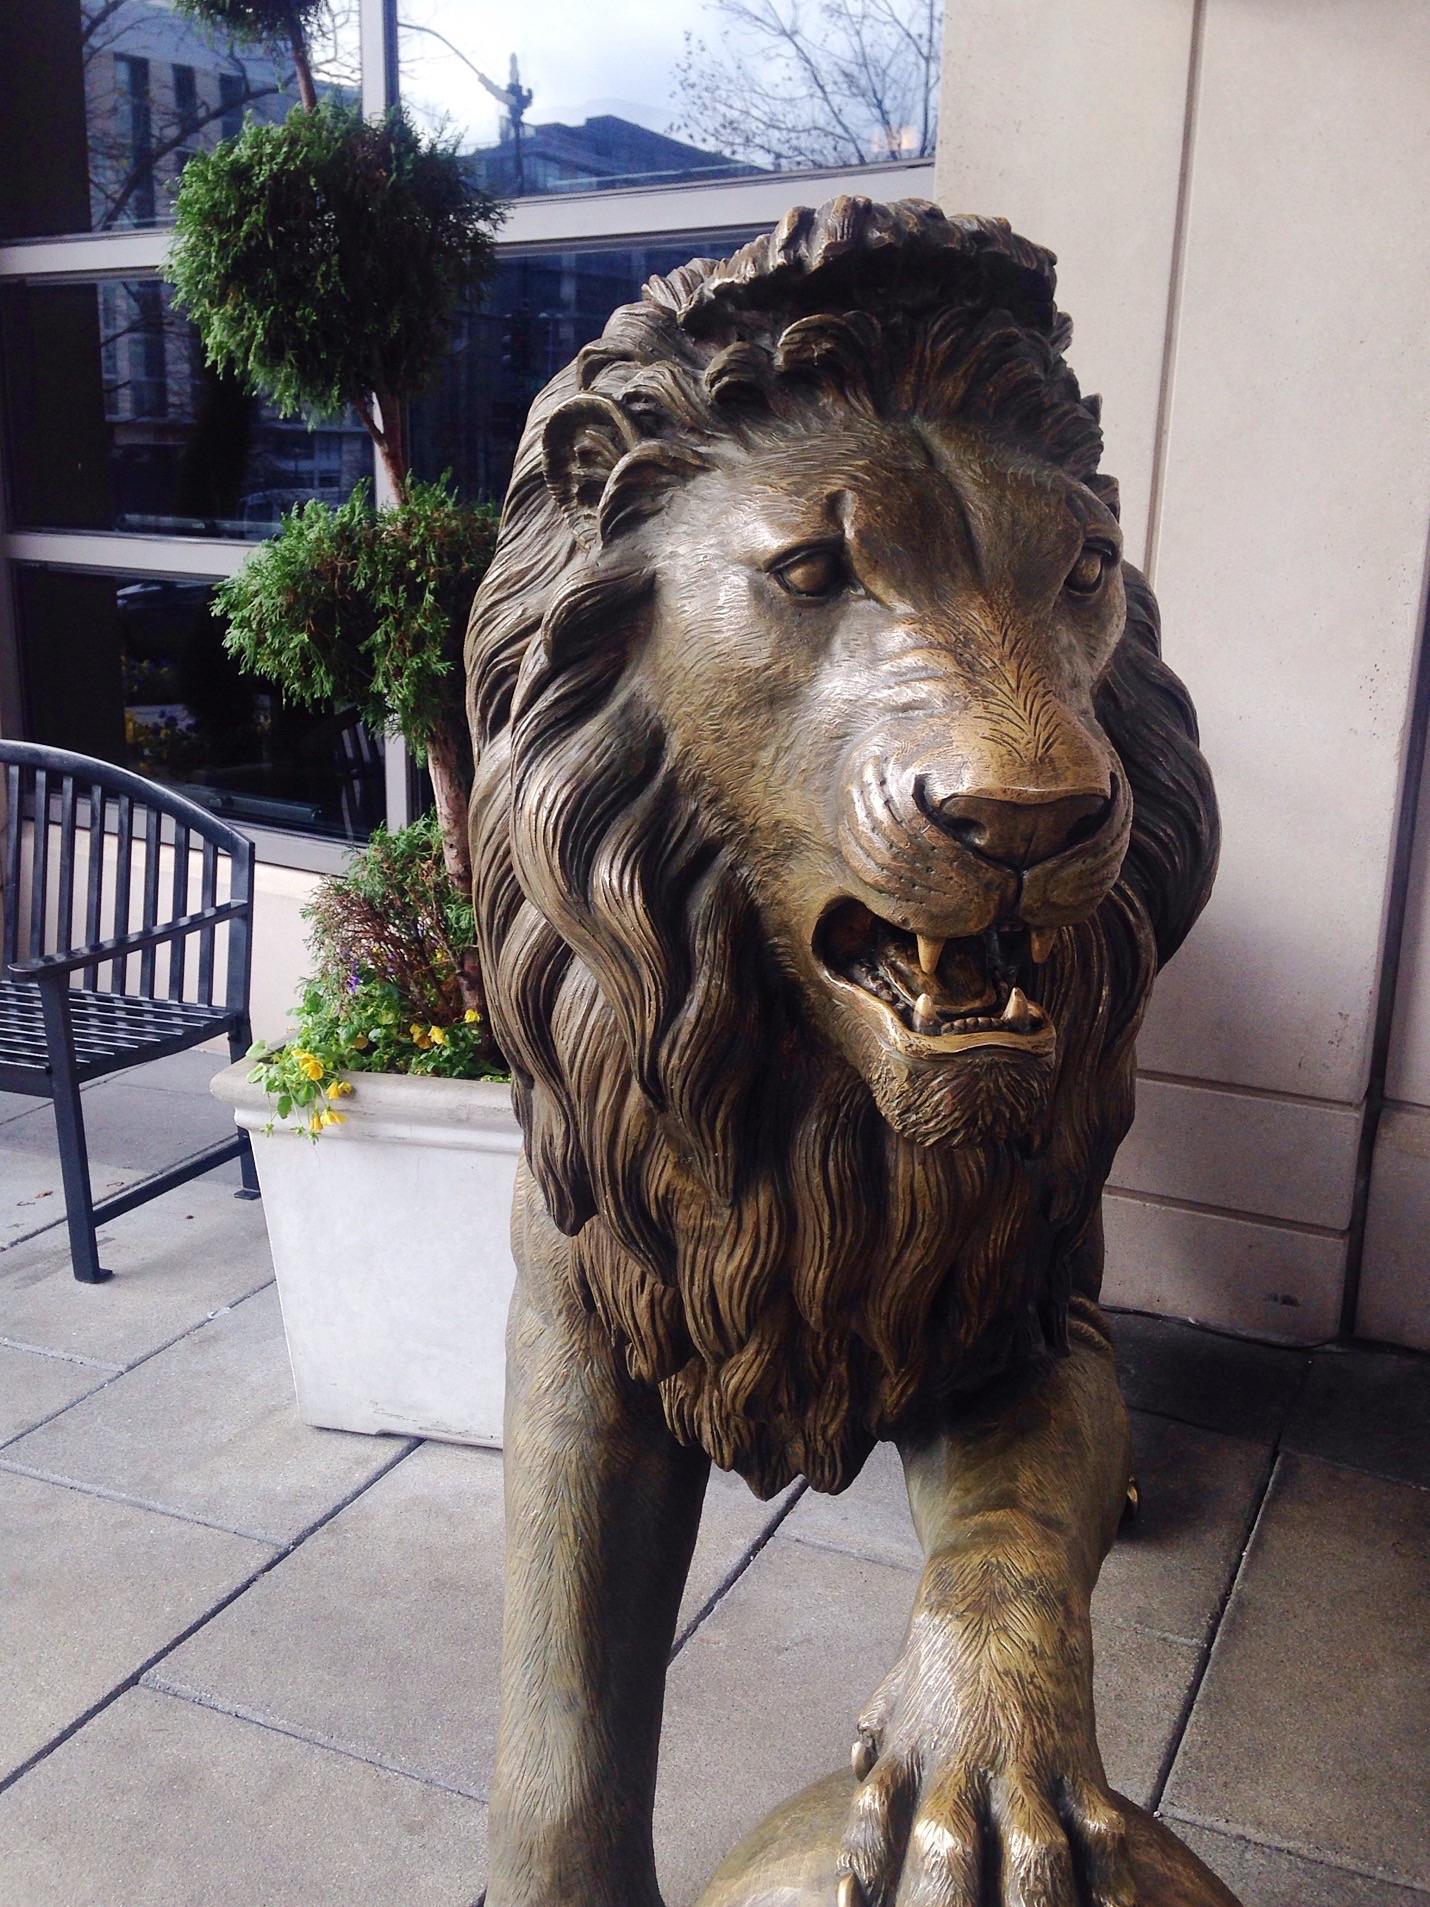 Embassy suites DC